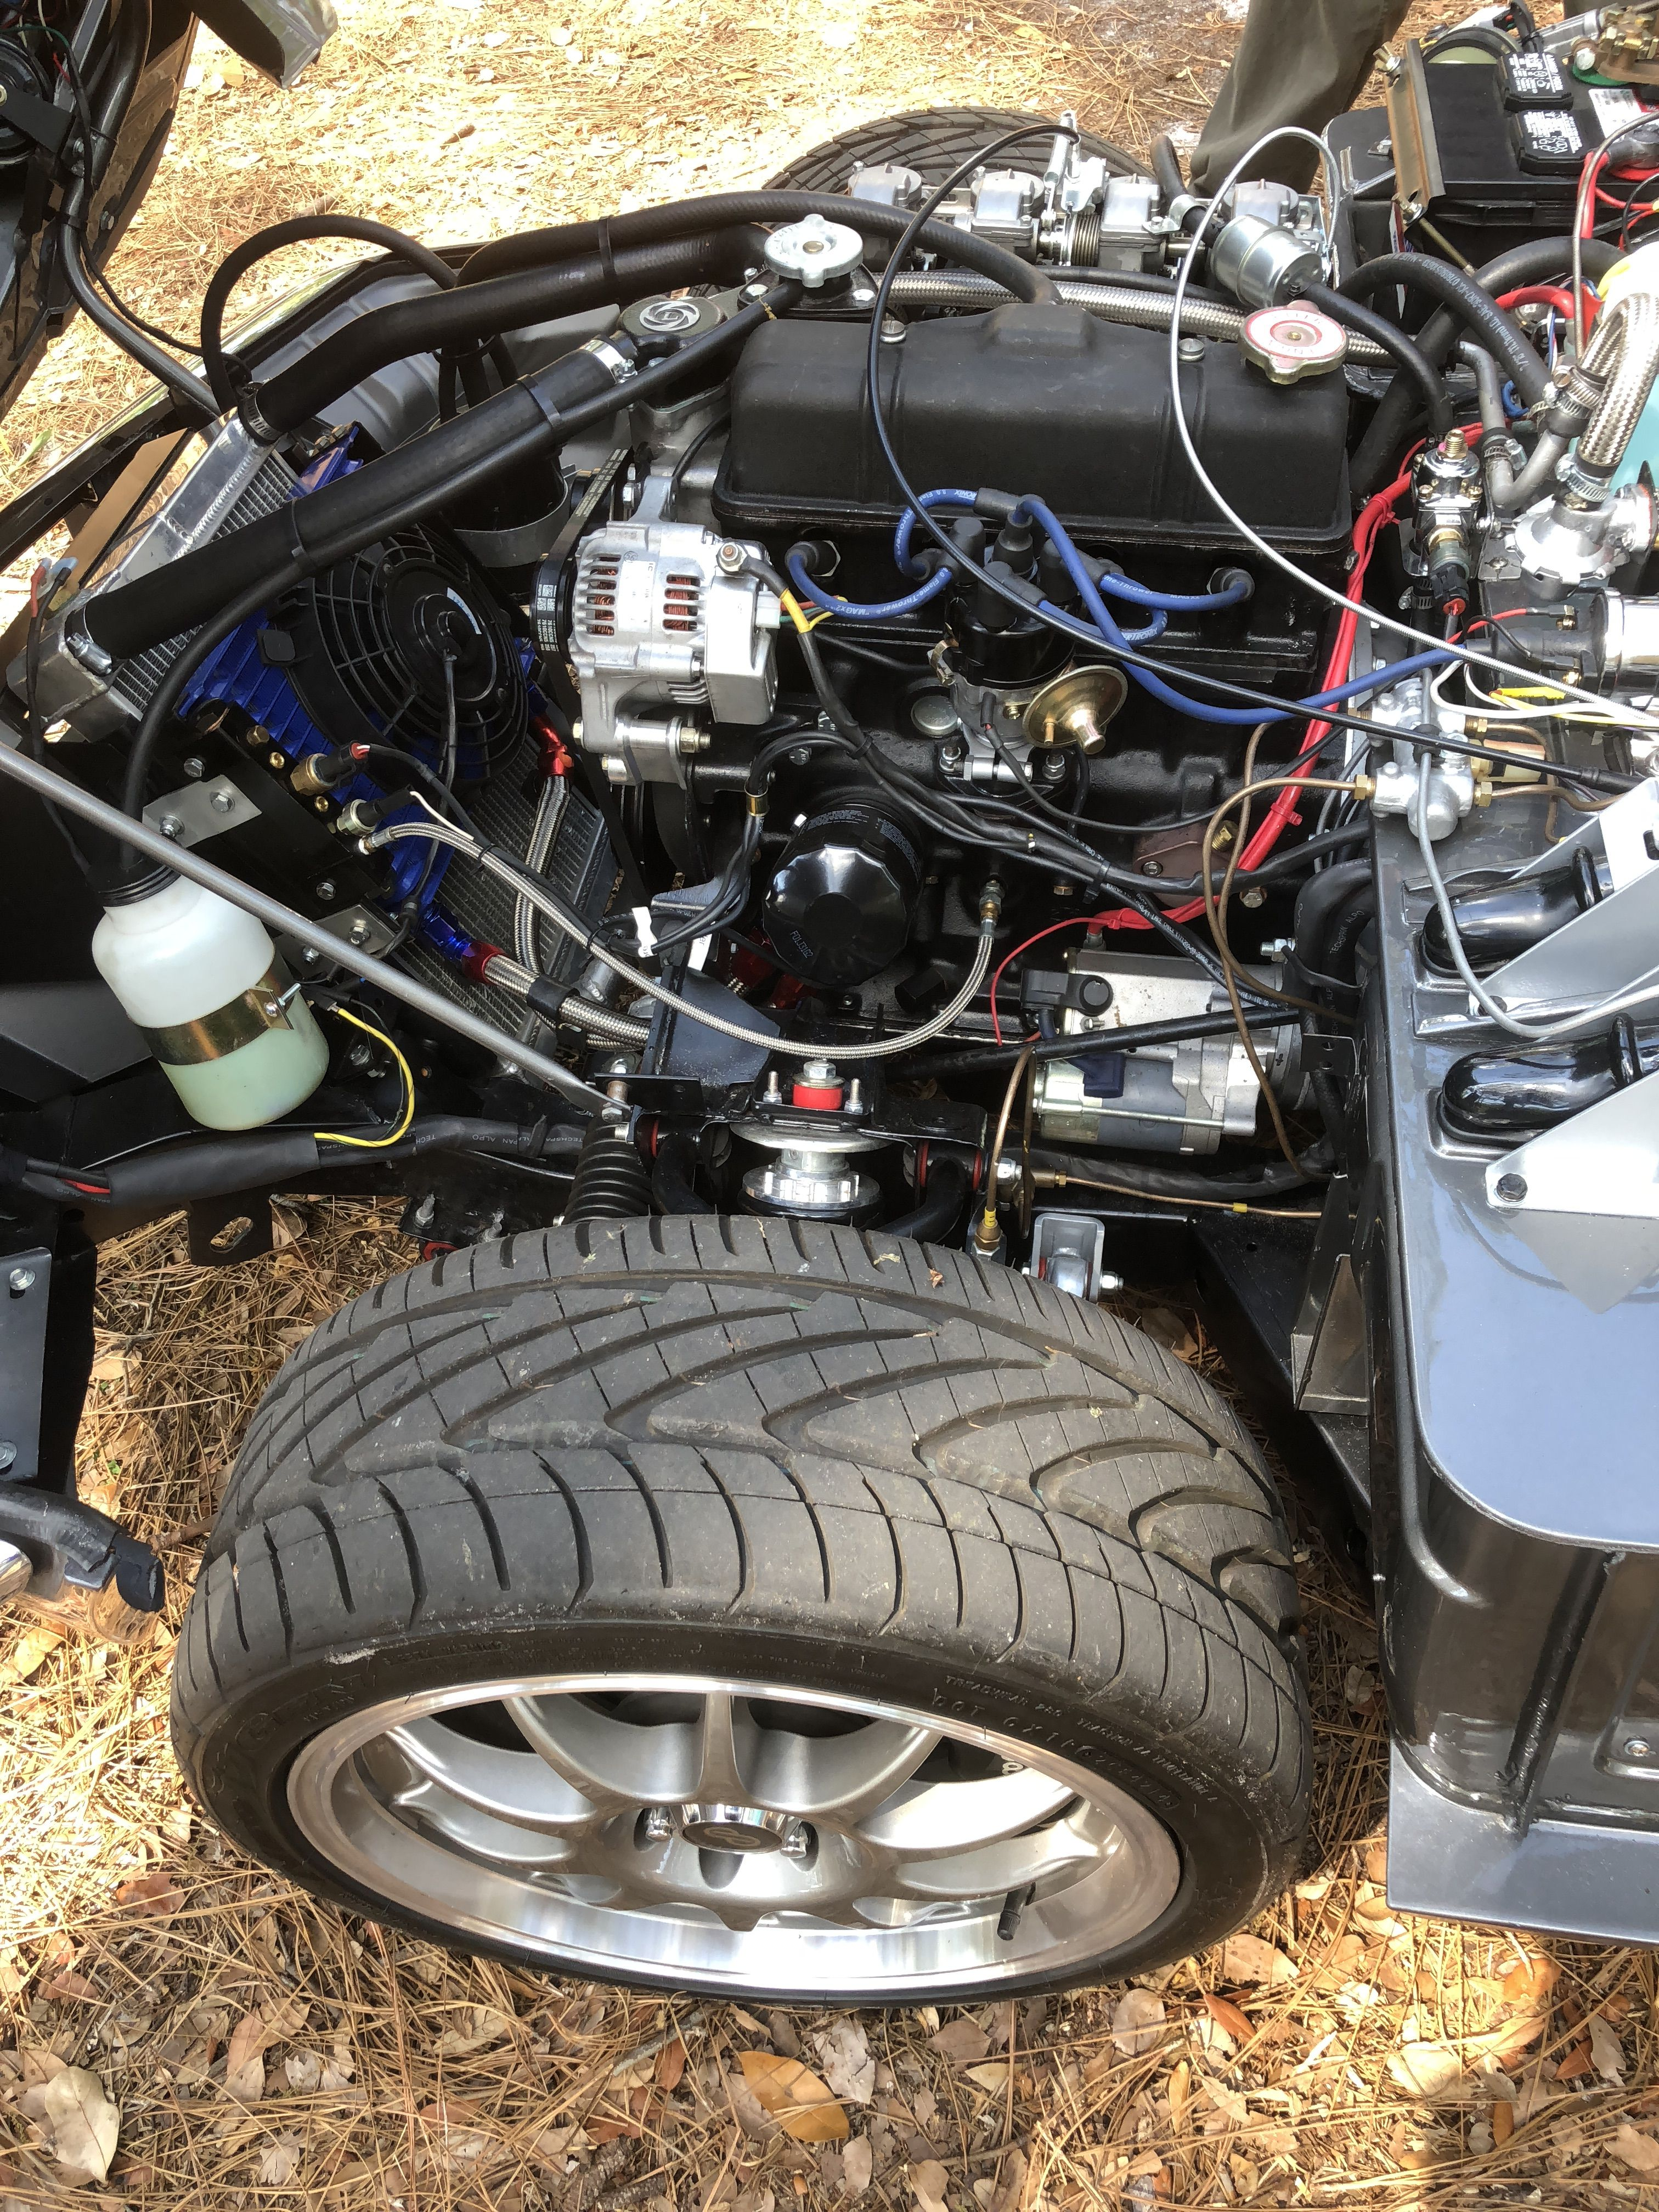 Spitfire Engine Bay All British Car Show Orlando FL TRIUMPHS - Car show orlando fl